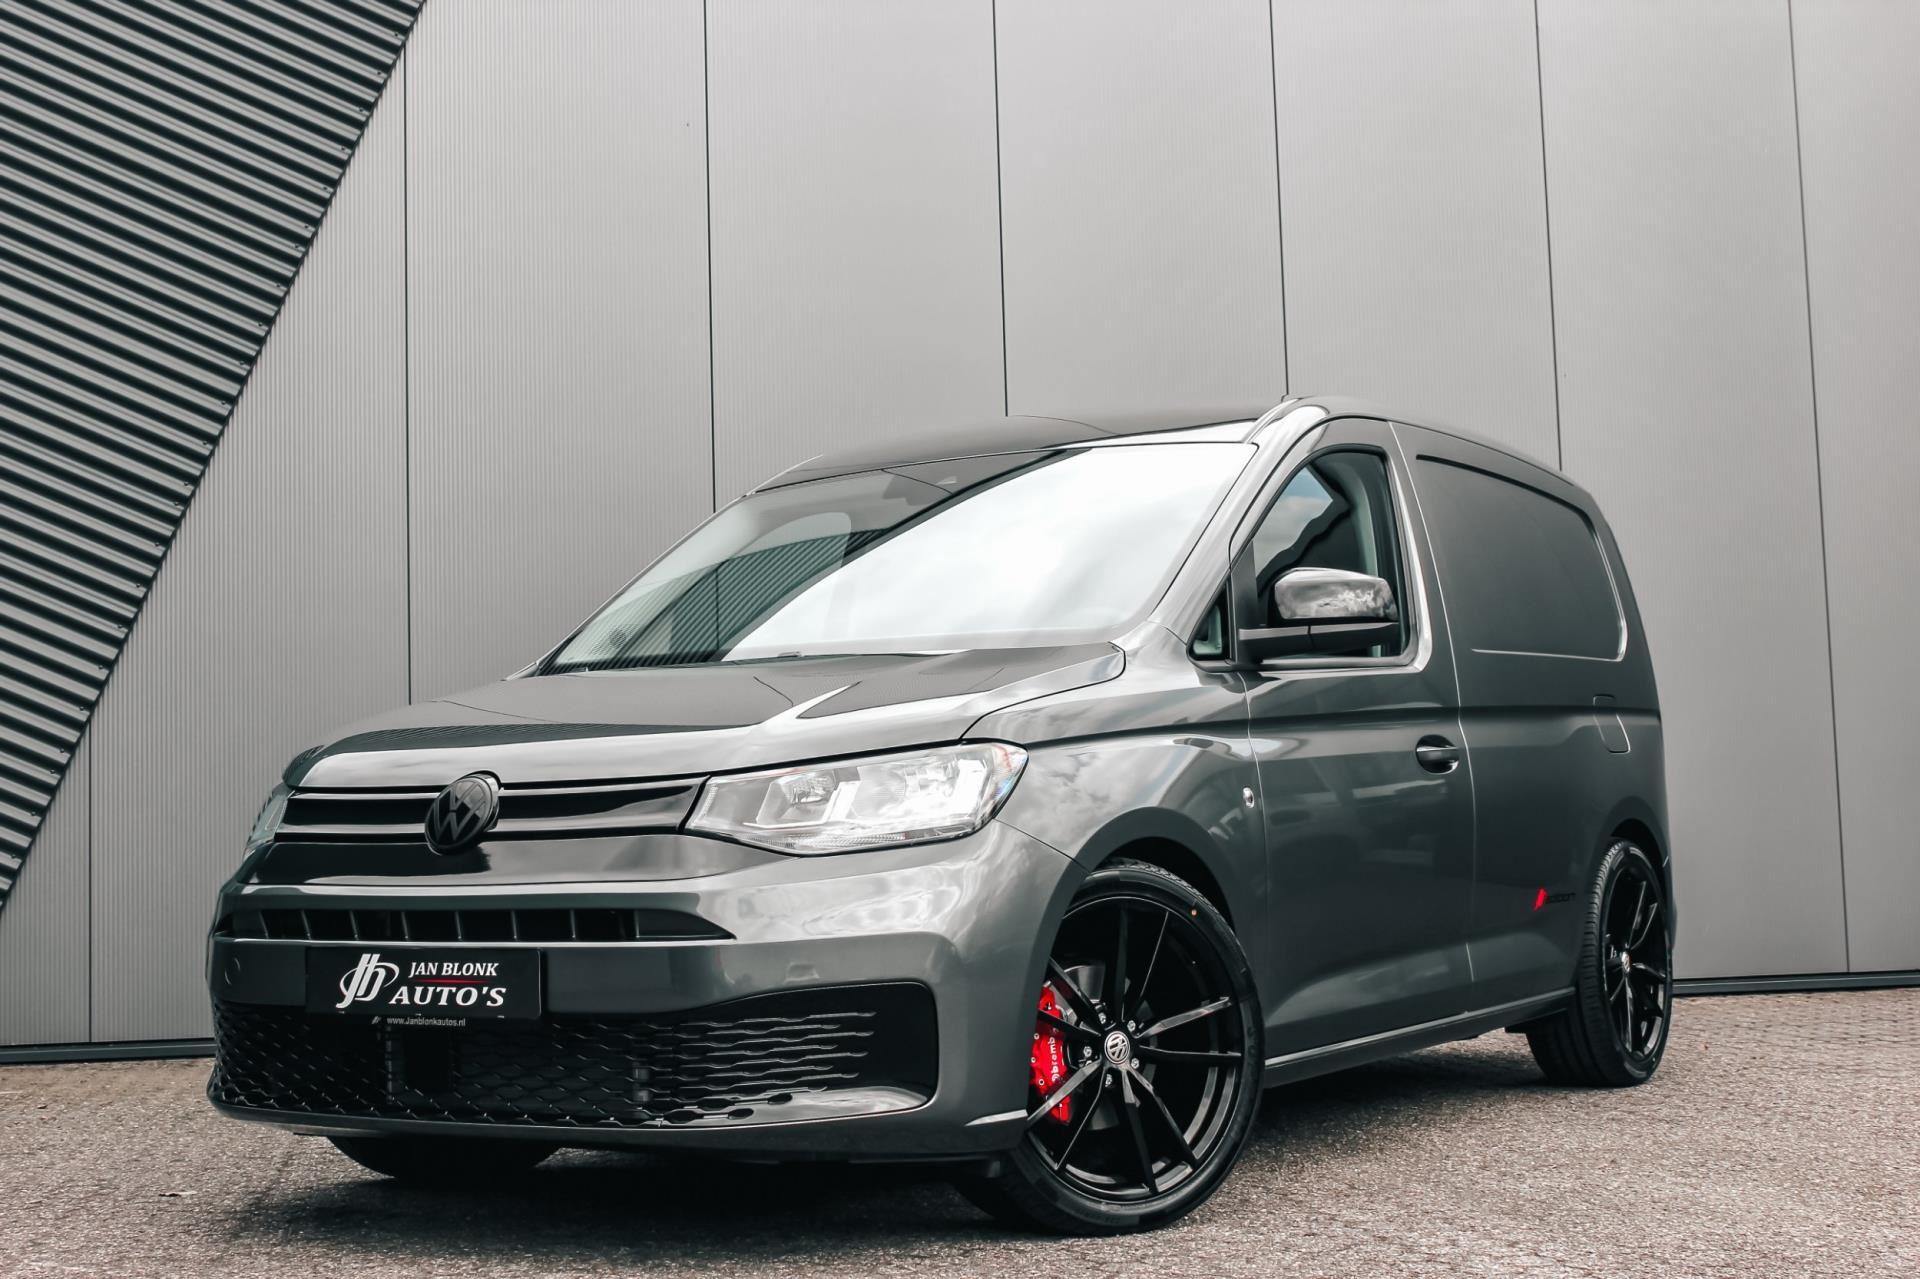 Volkswagen Caddy Cargo occasion - Jan Blonk Auto's